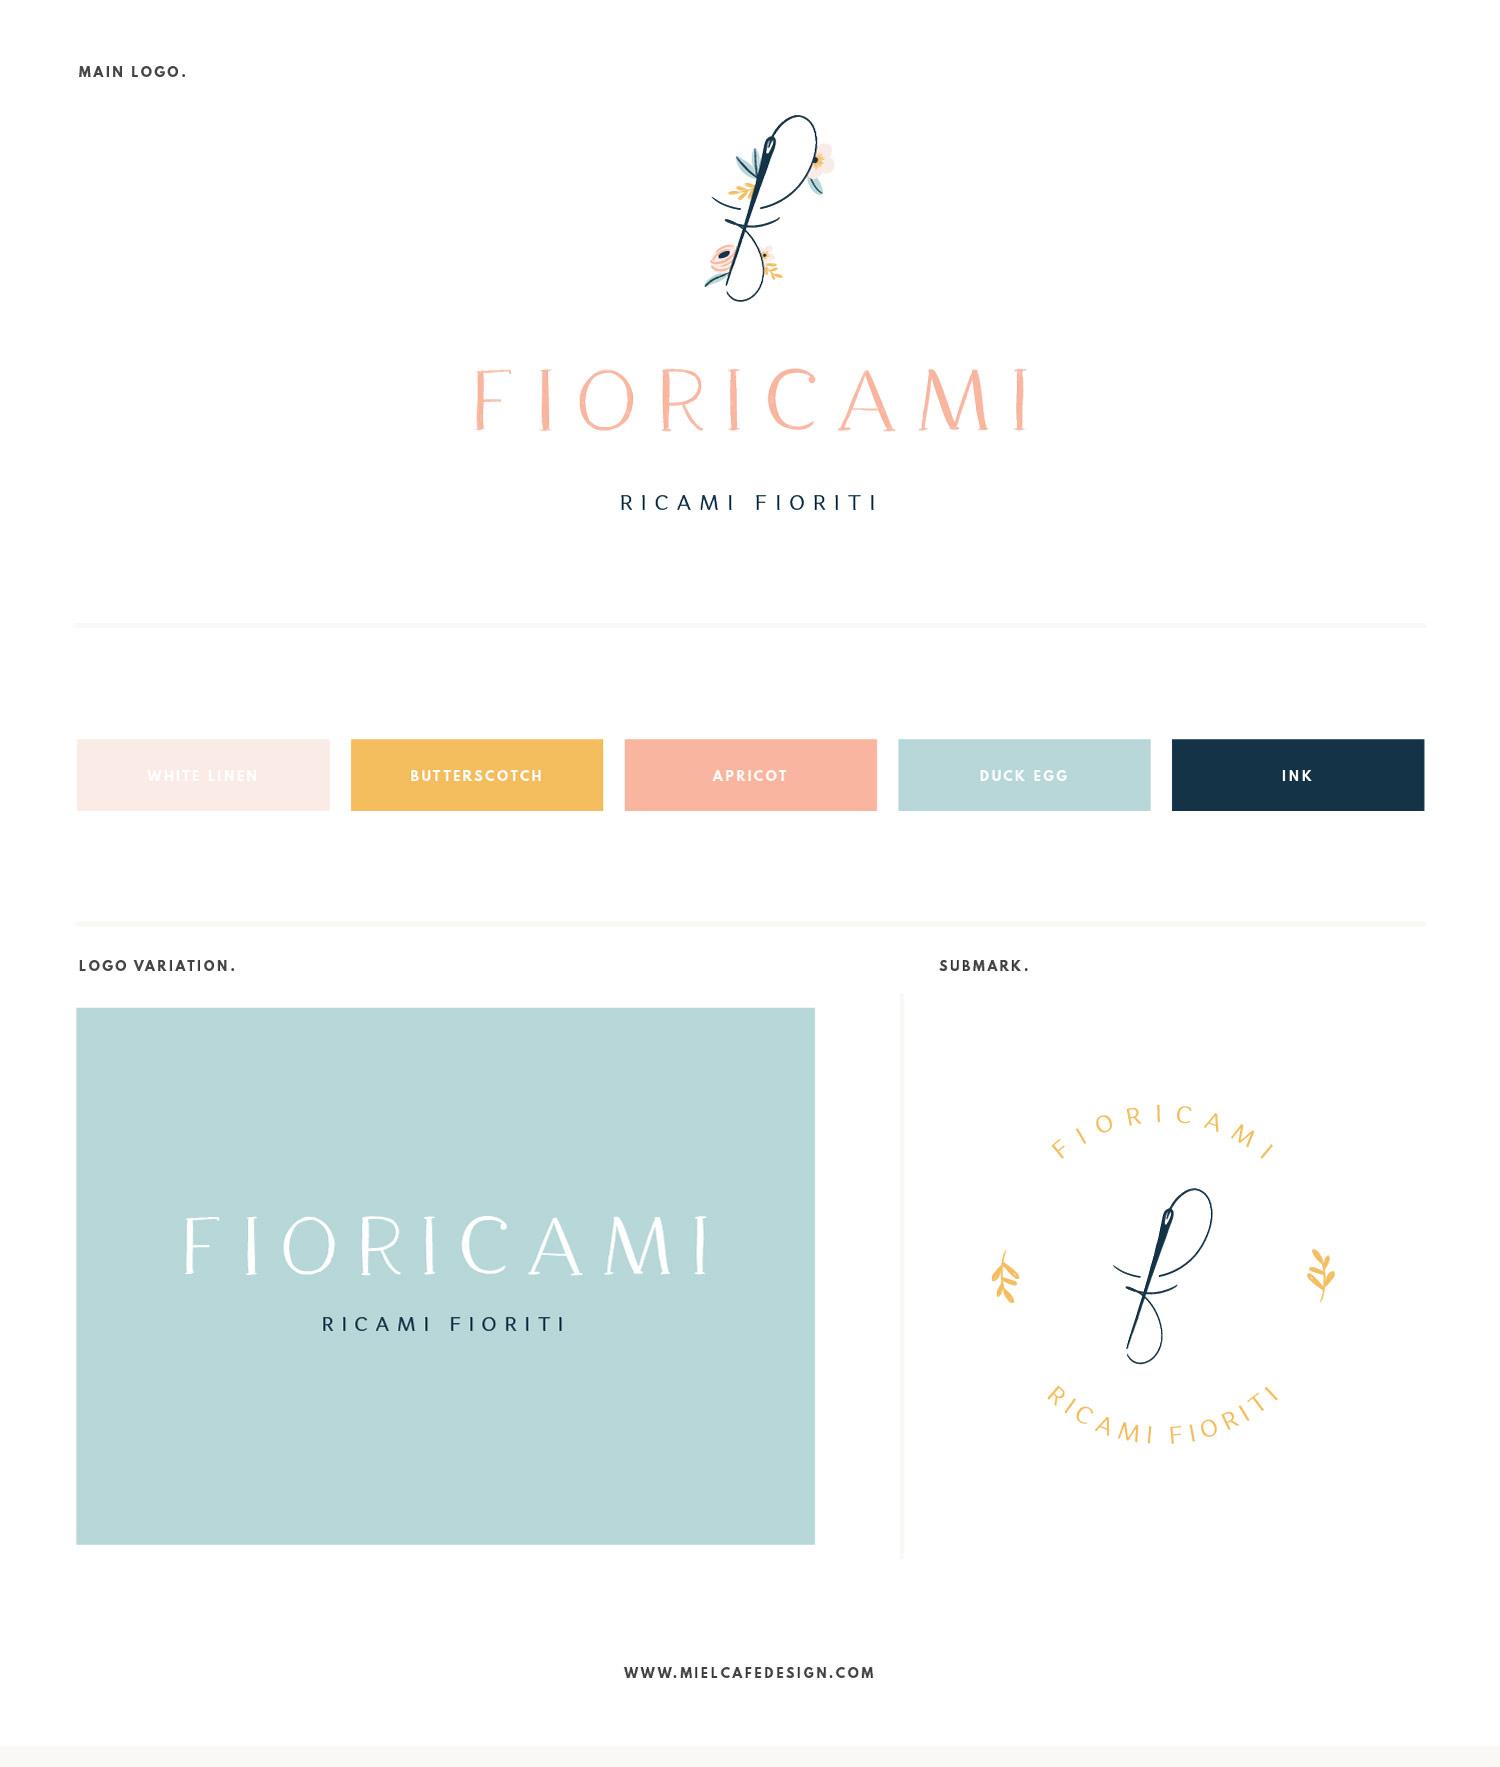 Miel Café Design Portfolio: Brand board pastello floreale per brand di ricamo handmade Fioricami